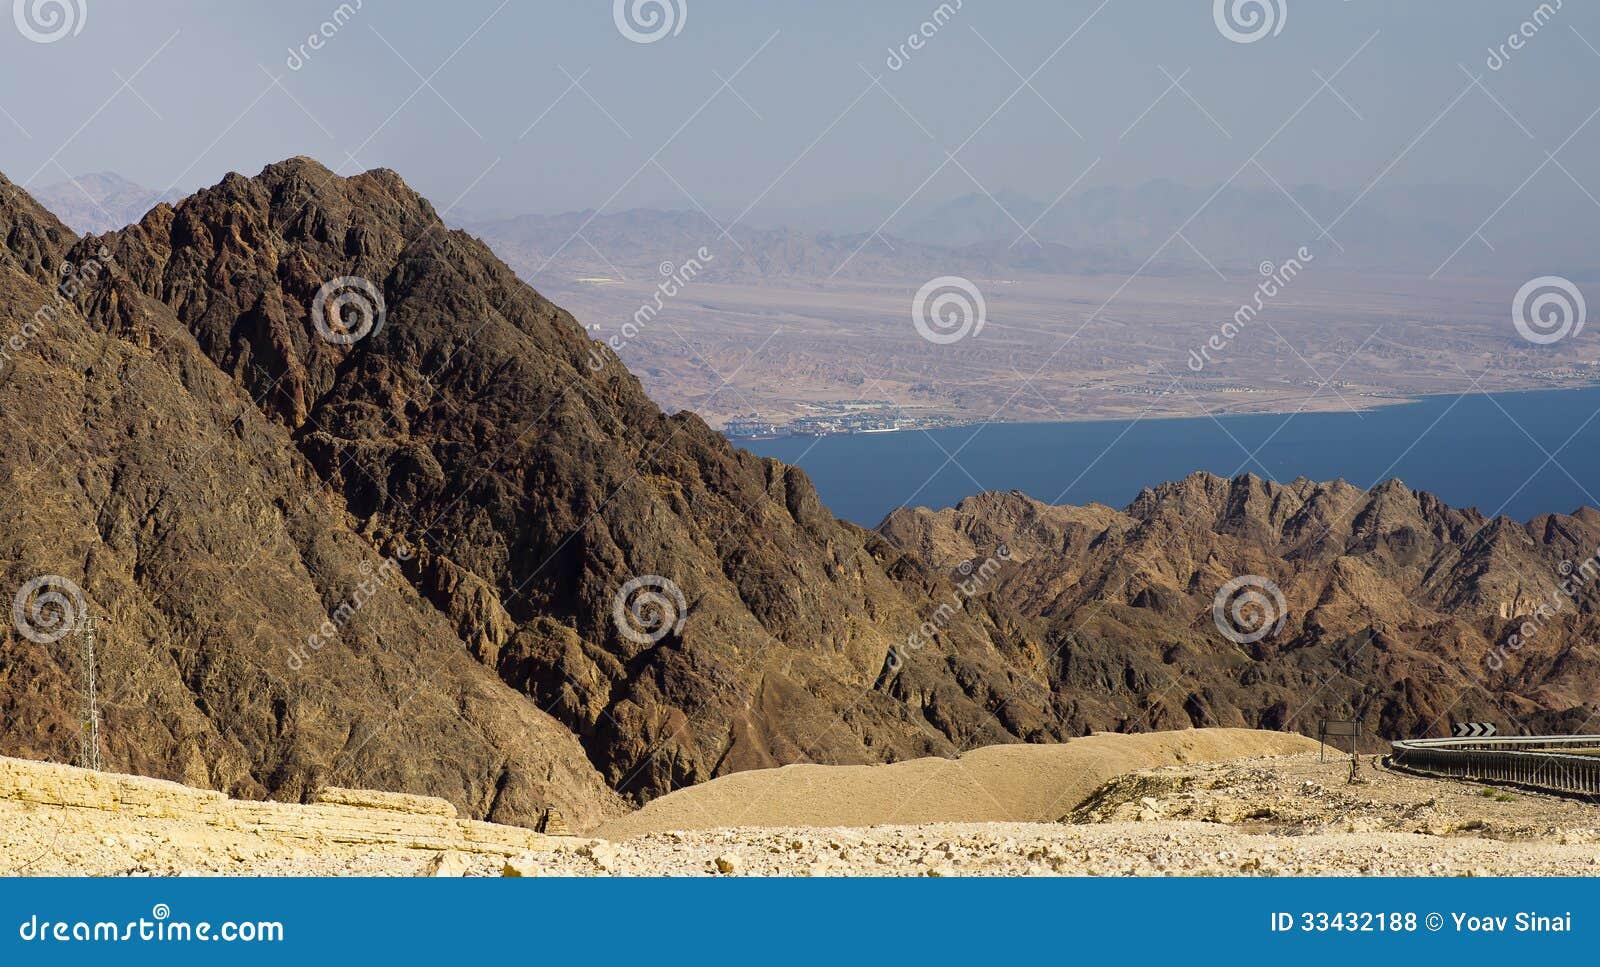 Eilat mountais Aqaba gulf